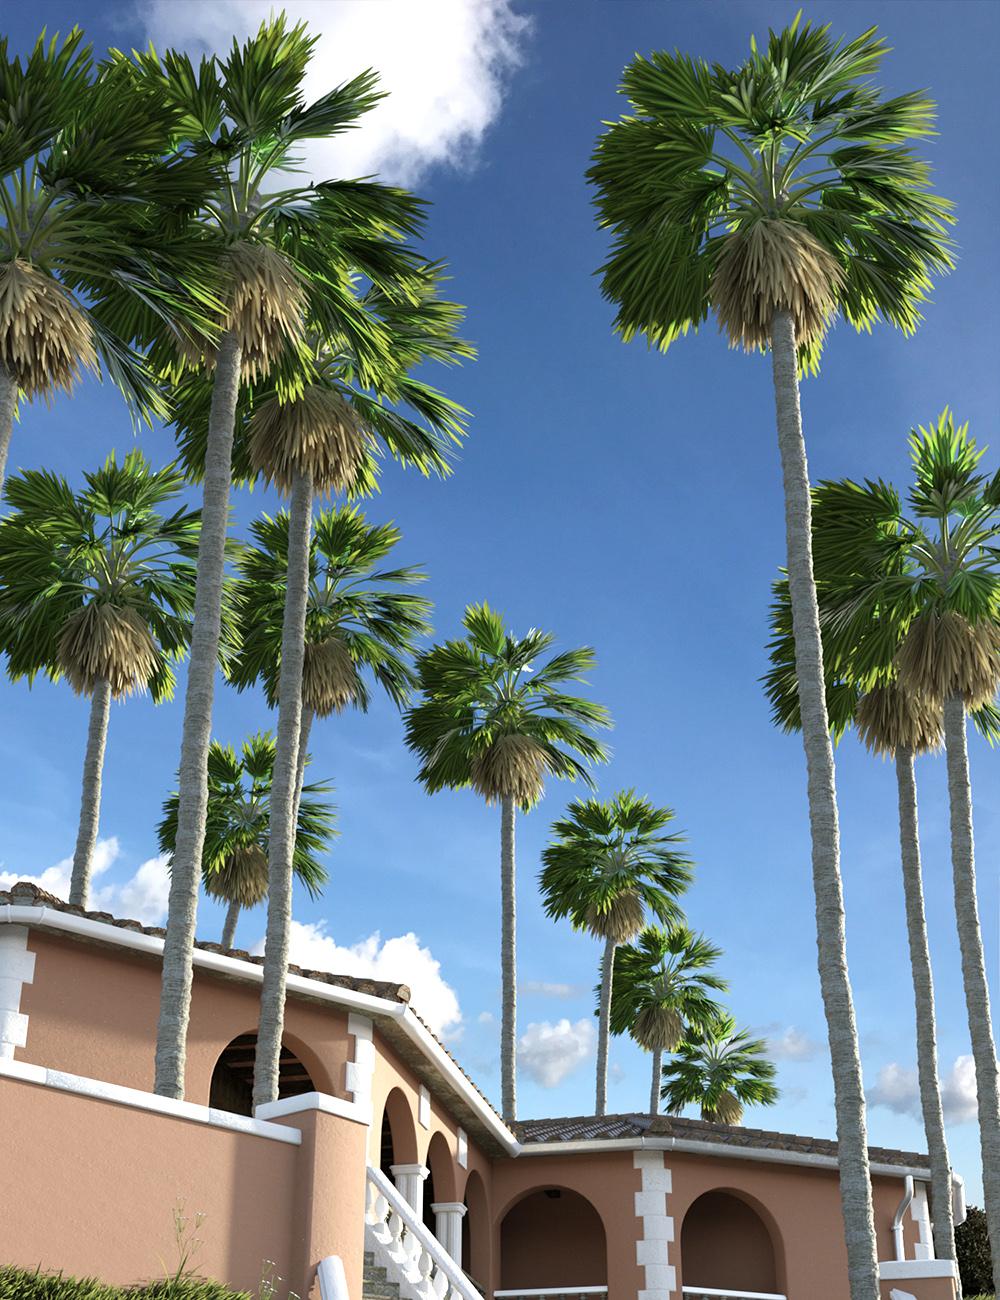 Predatron Washingtonia Fan Palm Trees by: Predatron, 3D Models by Daz 3D